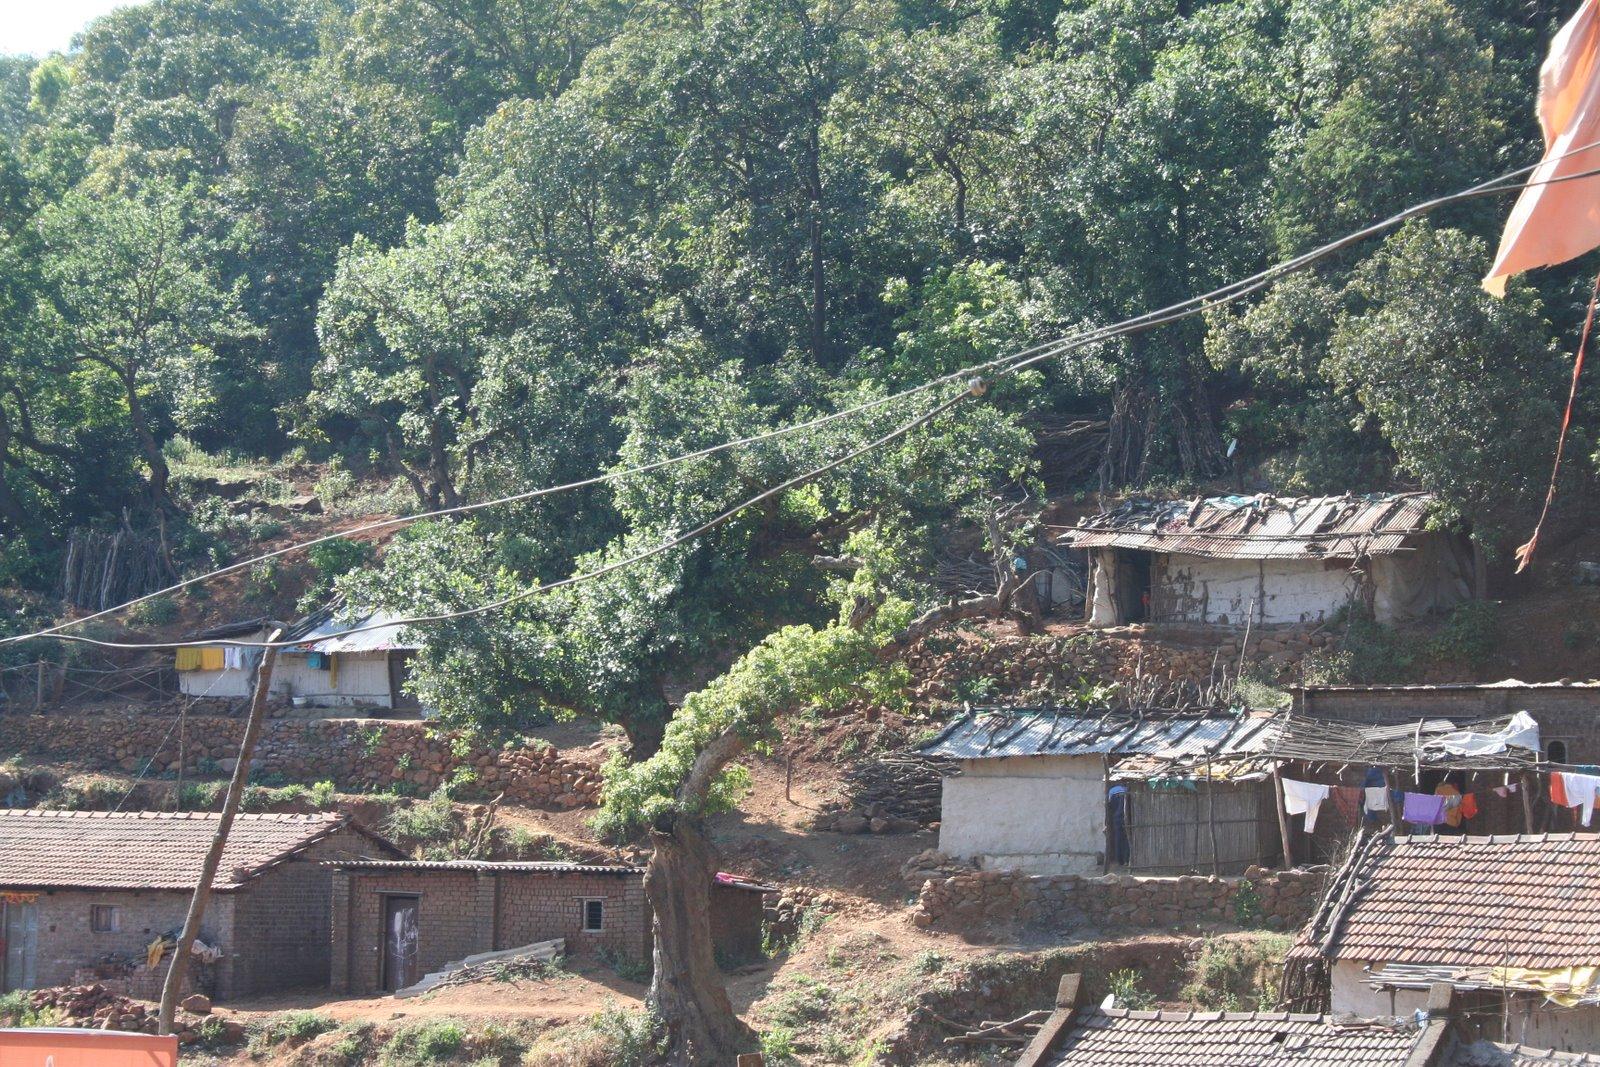 http://3.bp.blogspot.com/-rDFjknsWsFI/TbGiqG-fKfI/AAAAAAAAAb0/77fTY8MwplA/s1600/the%2Bfamous%2Bbhimashankar%2B%2Bjyotirling%2Bof%2Bindia%2Bpictures%2Bdownload.jpg